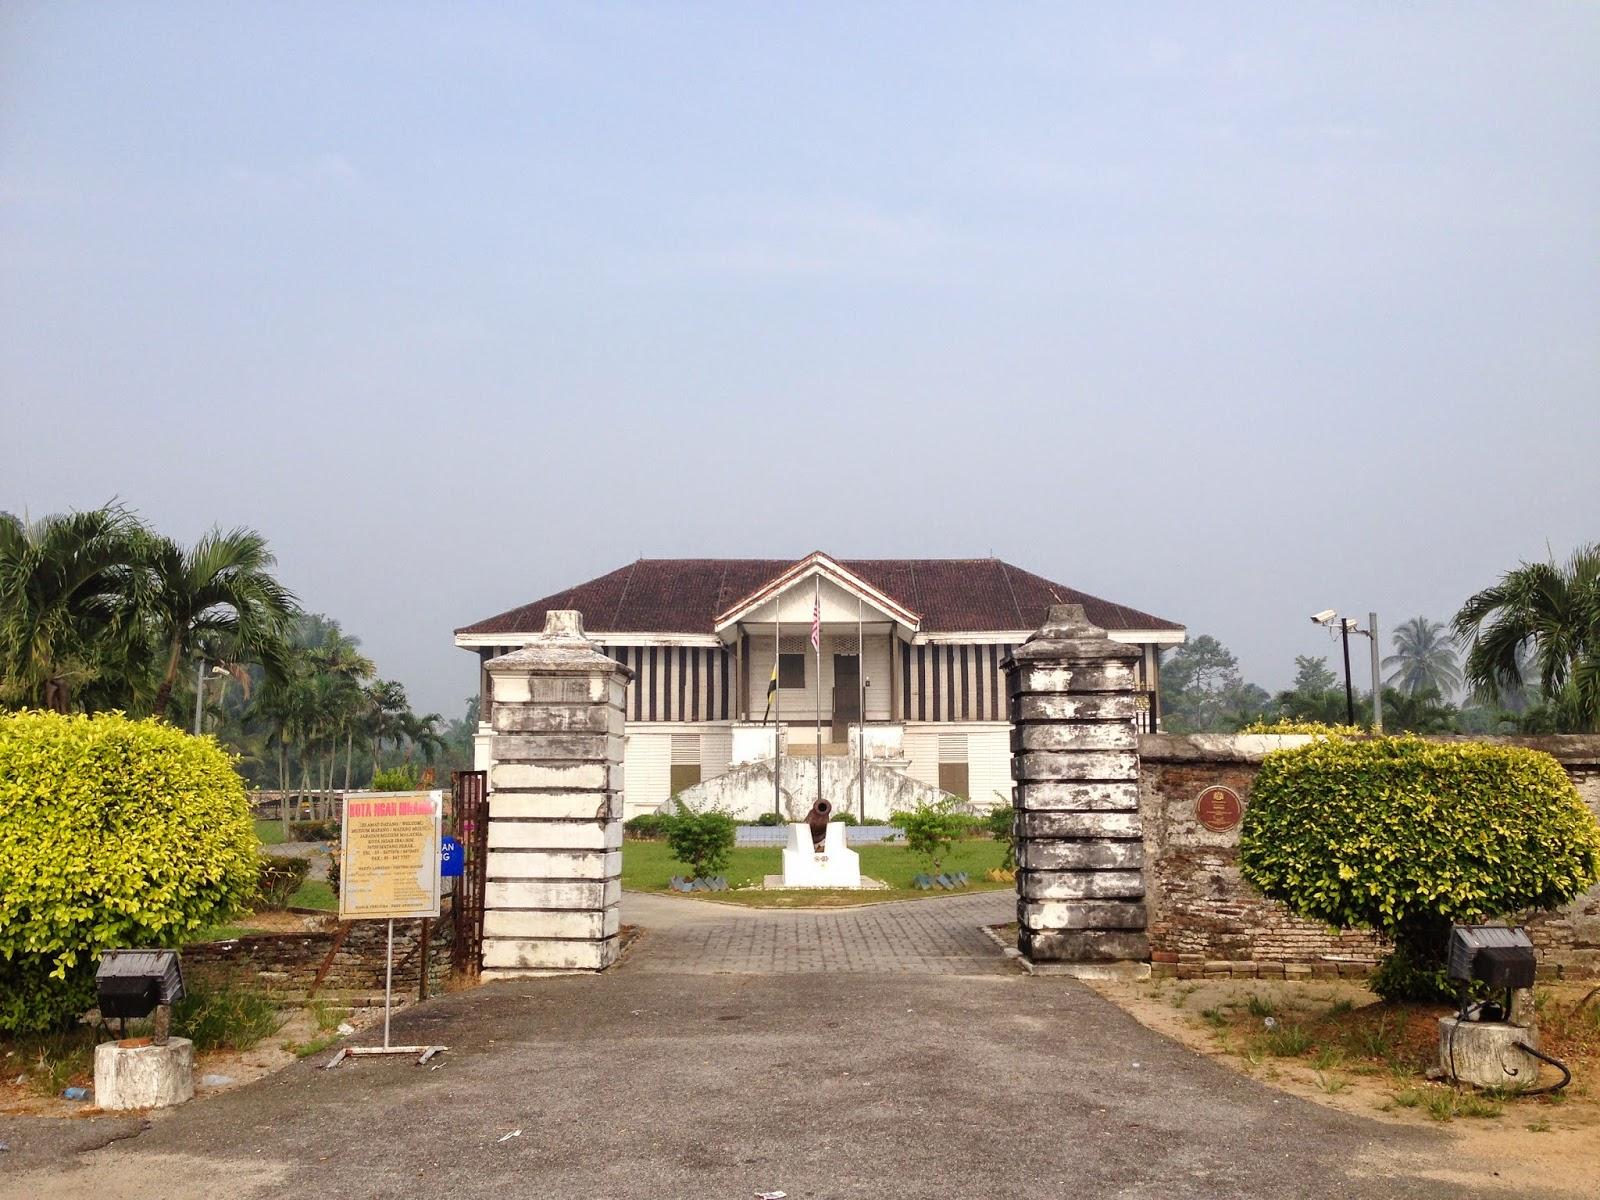 Kota Ngah Ibrahim entrance